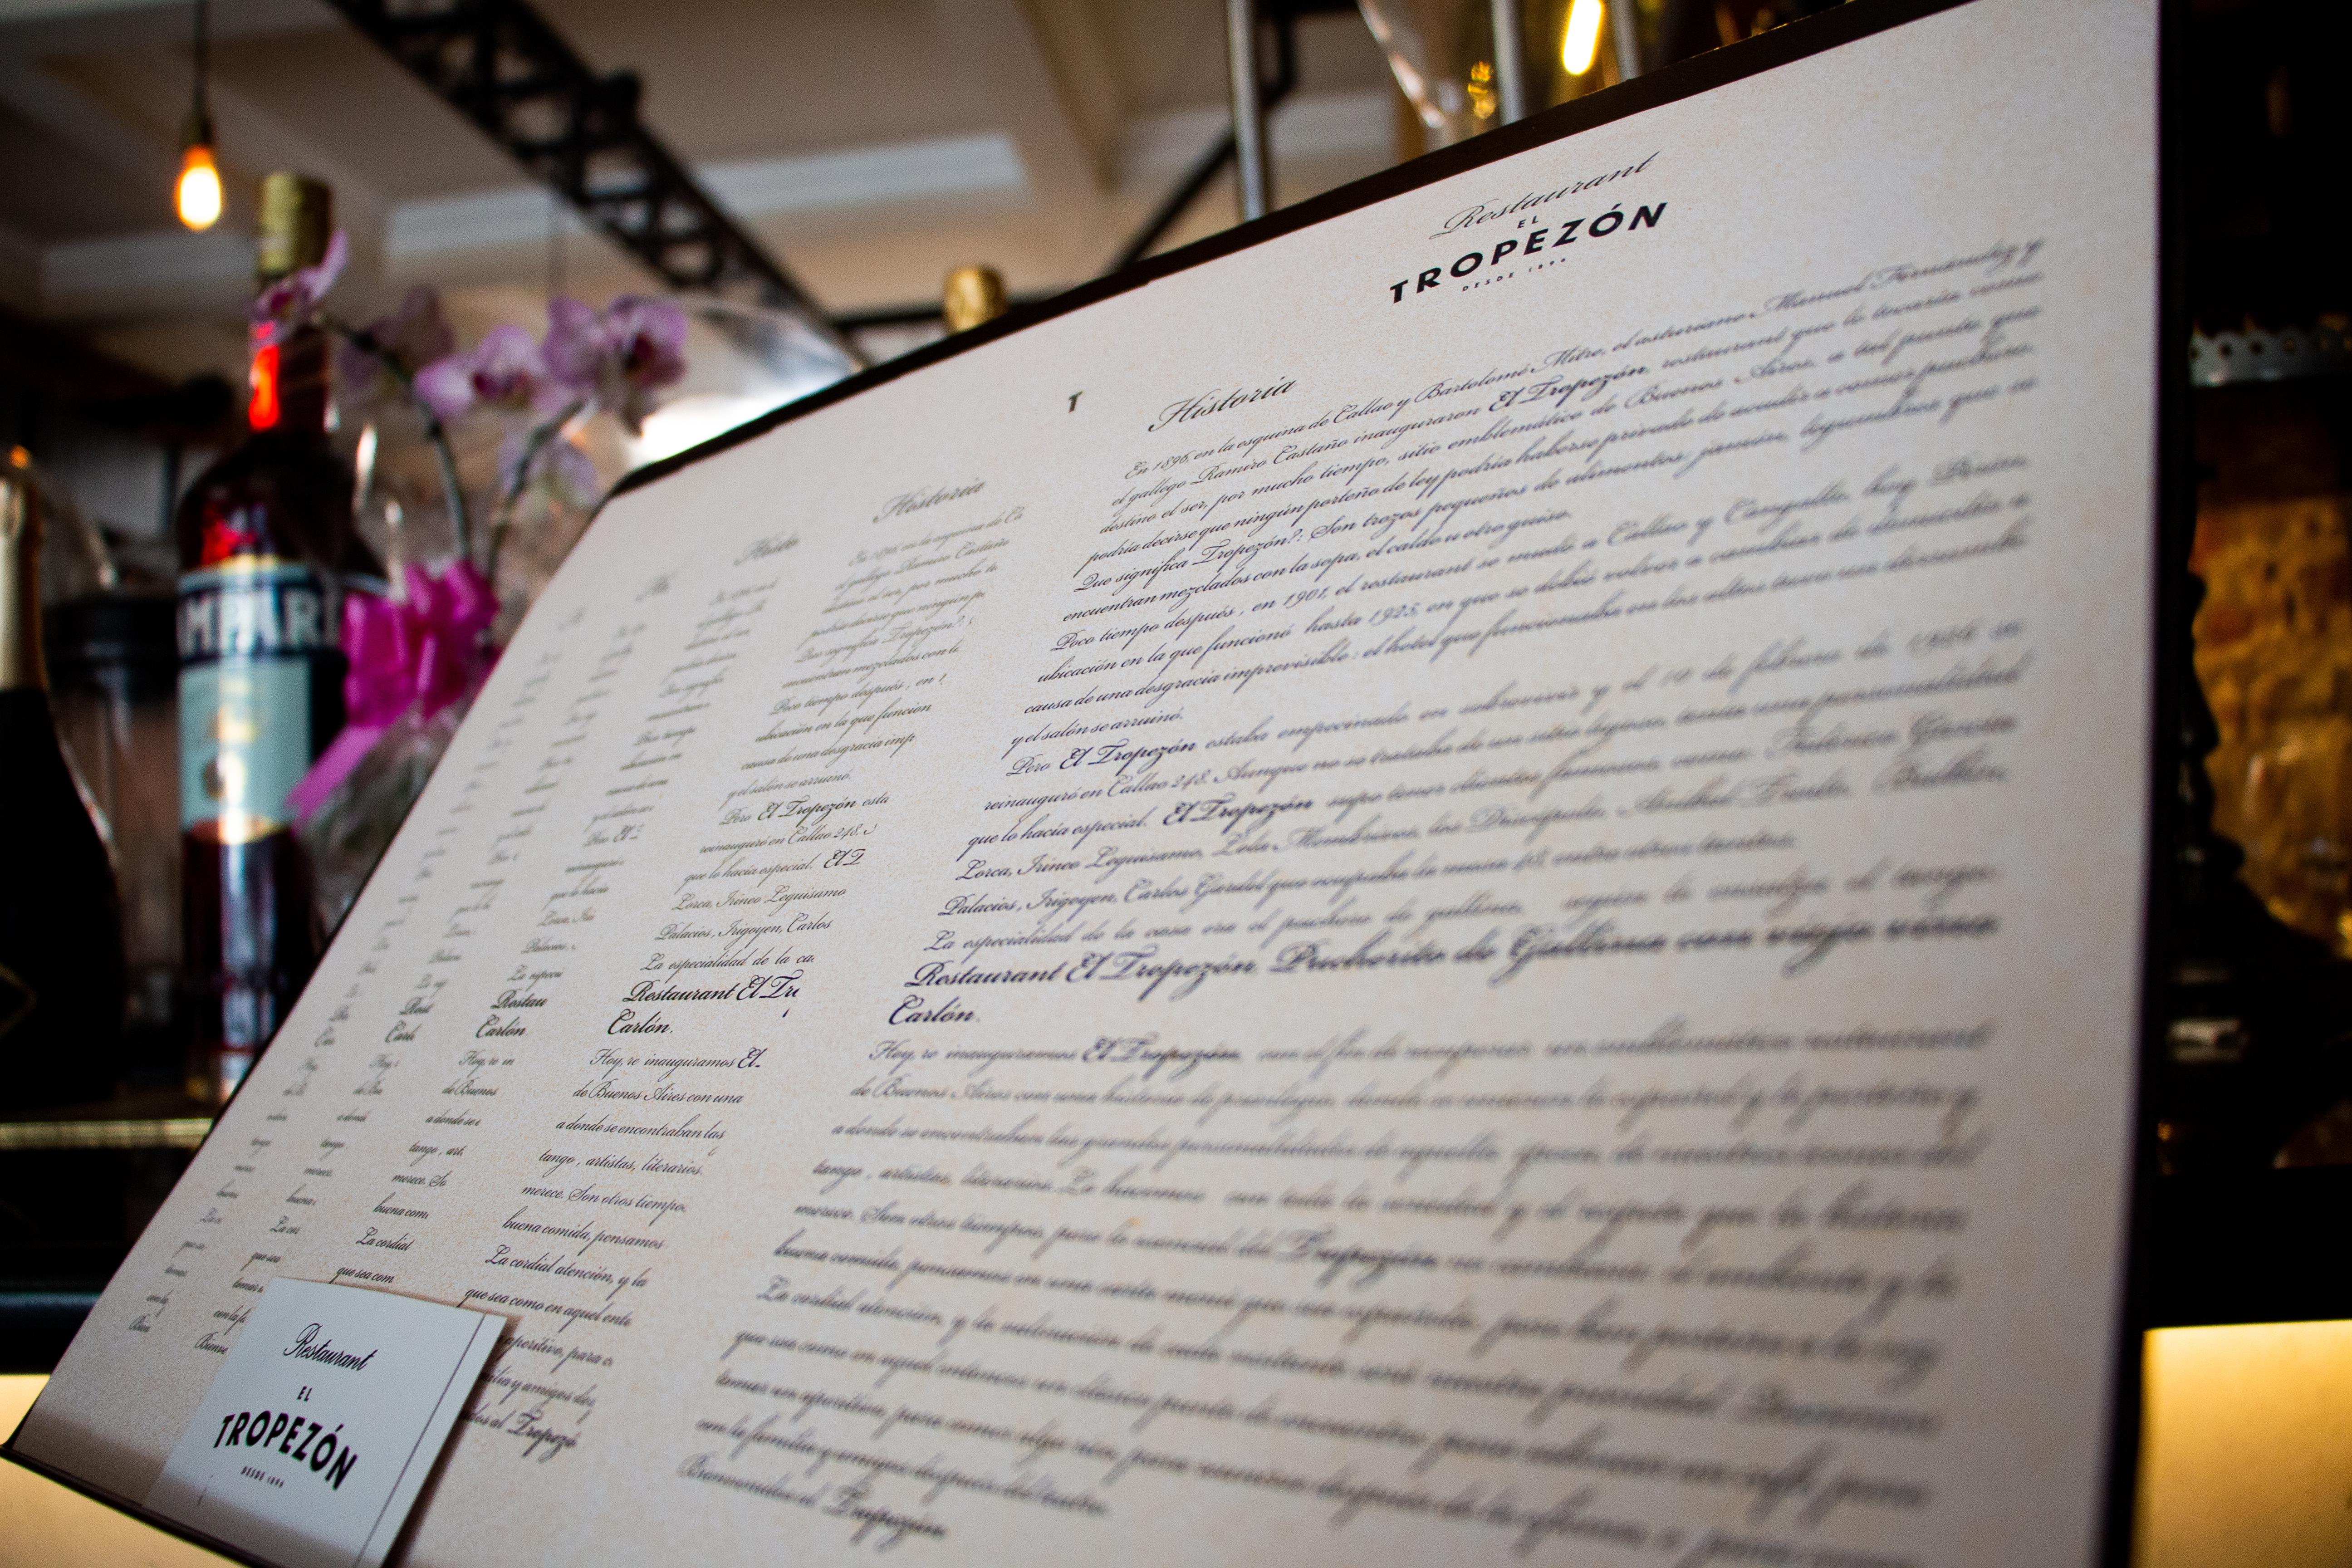 La carta actual es variada y sigue predominando la fusión de lo porteño con lo español, e invita a los comensales a viajar en el tiempo y vivir la experiencia que amaban los íconos del tango, artistas, escritores y poetas